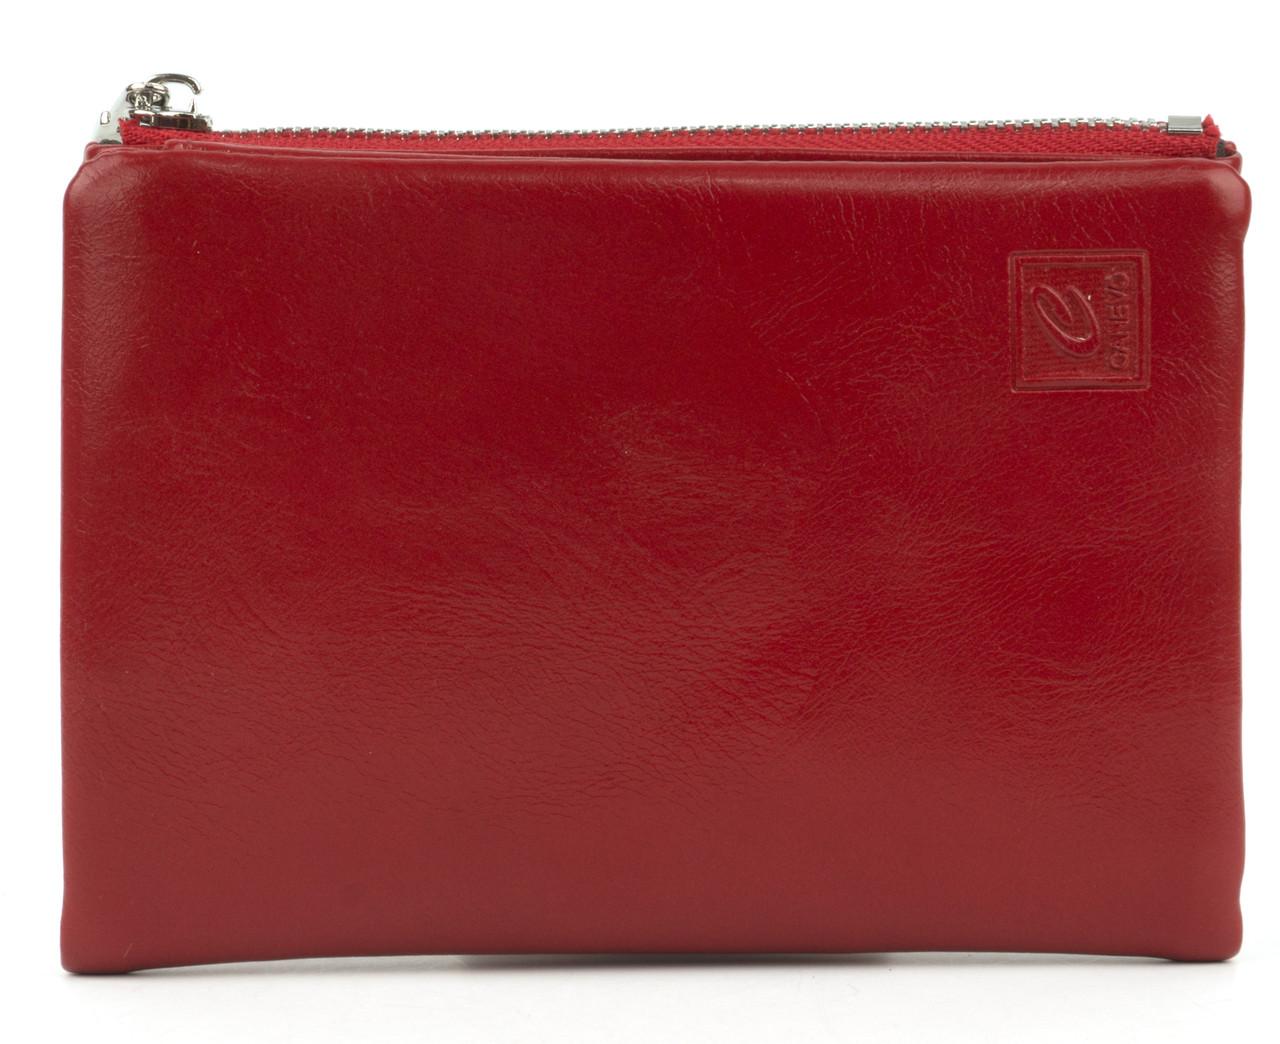 Женский вместительный кошелек из эко кожи CANEVO art. C-6117